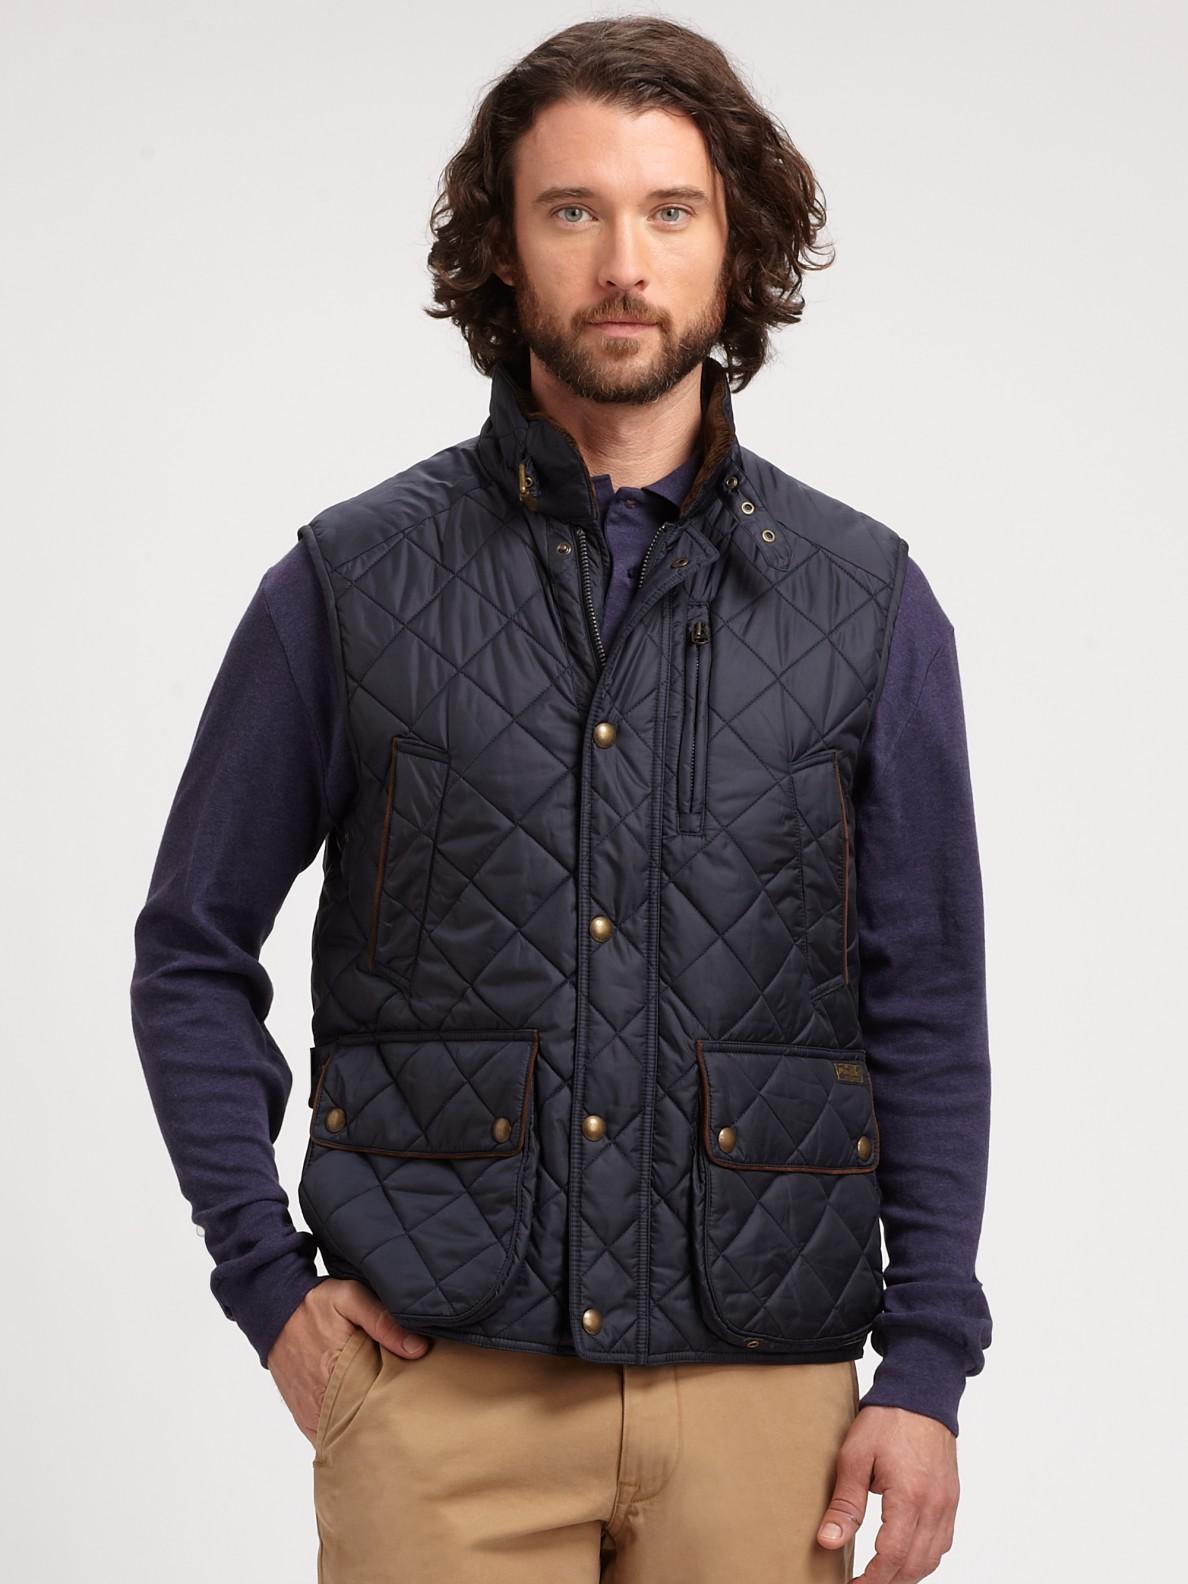 marein ralph lauren men 39 s black quilted vest. Black Bedroom Furniture Sets. Home Design Ideas